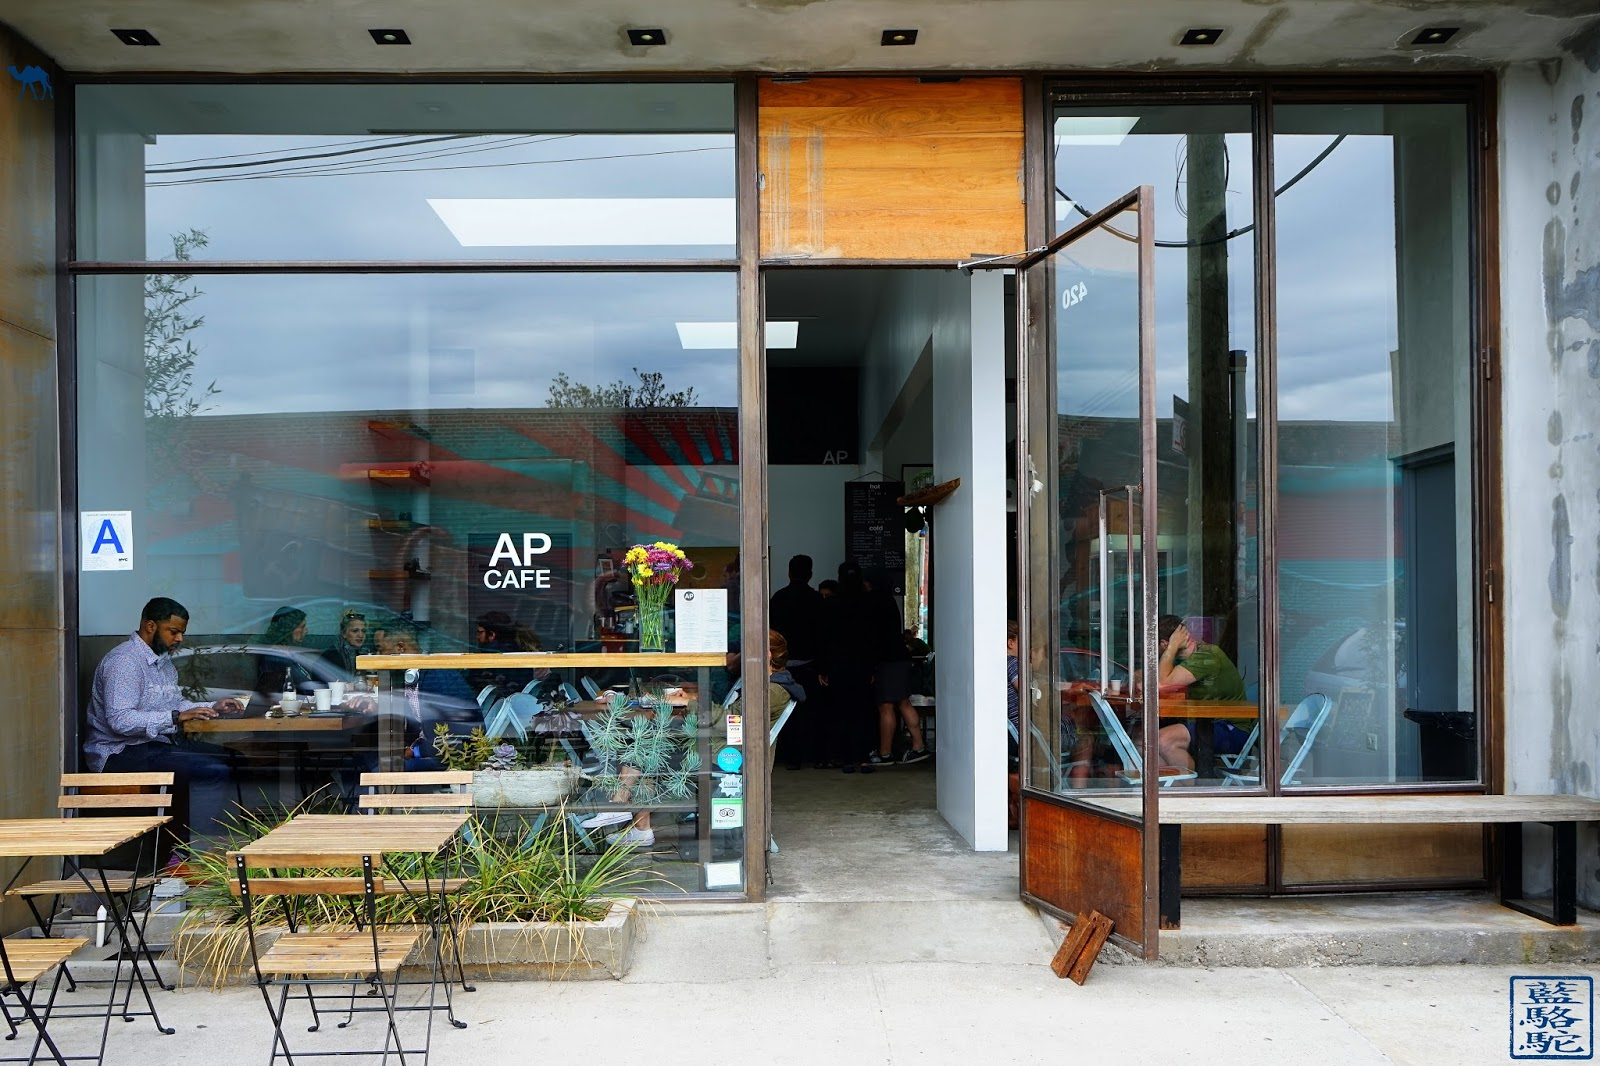 Le Chameau Bleu - Street Art Bushwick 2017 - AP Cafe - Pause café à Brooklyn